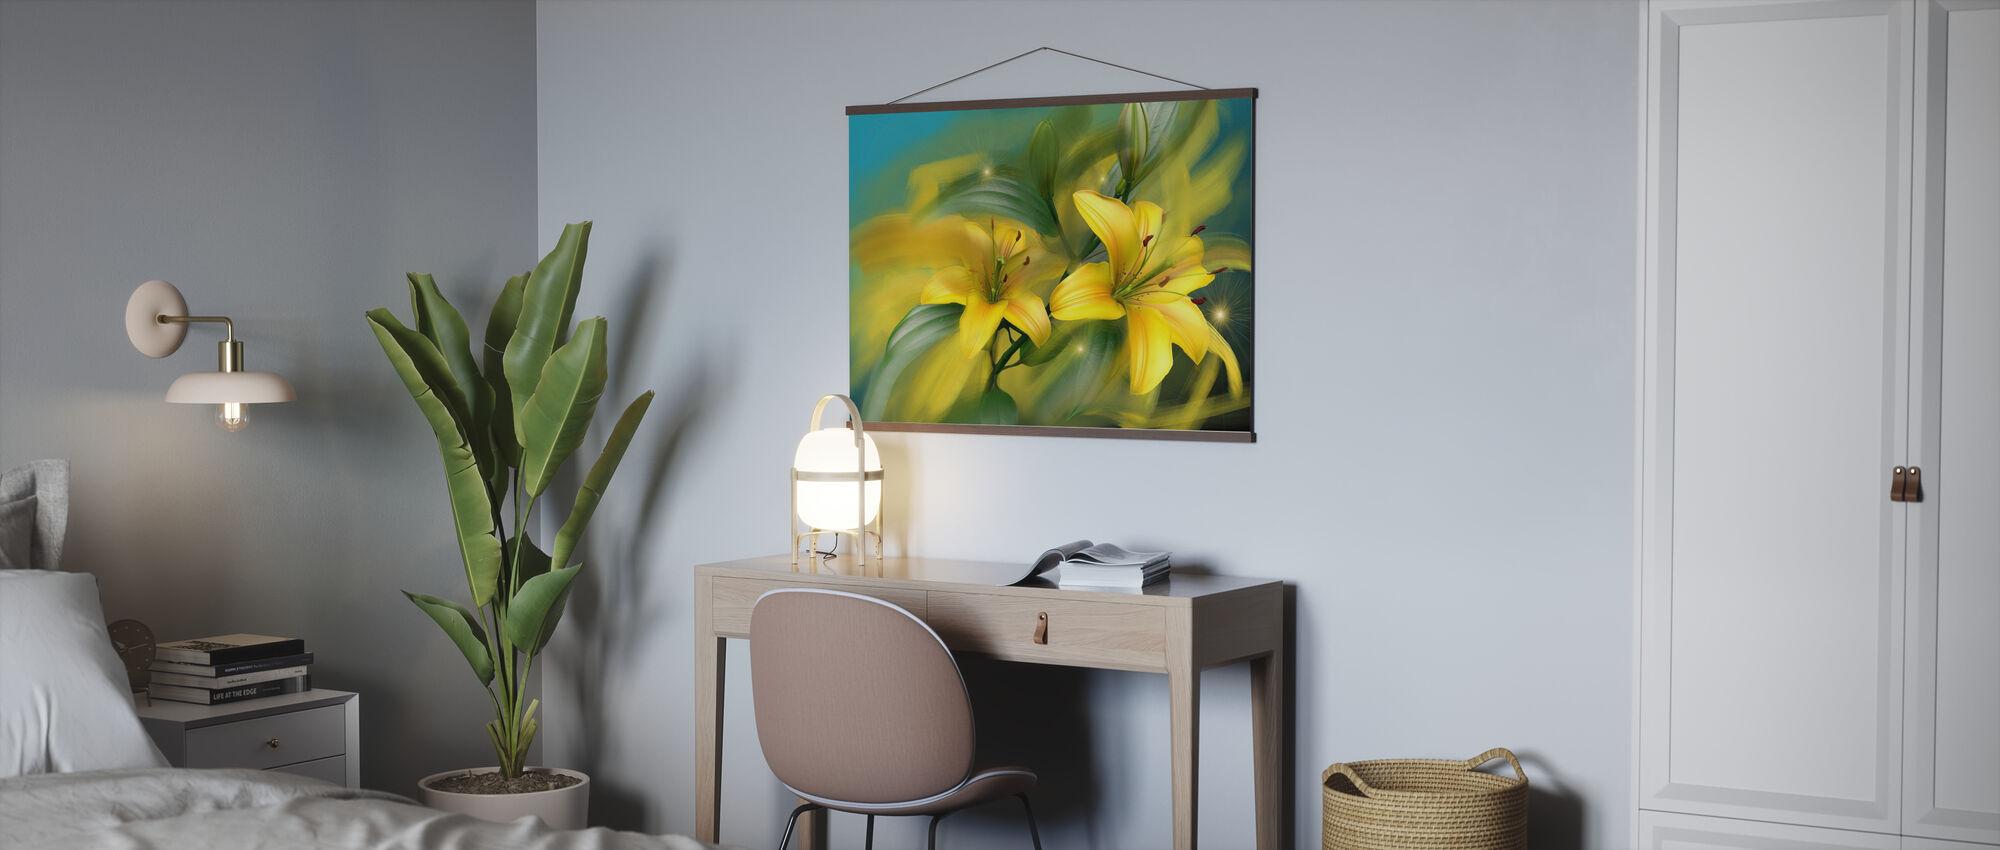 Puissance des fleurs - Affiche - Bureau